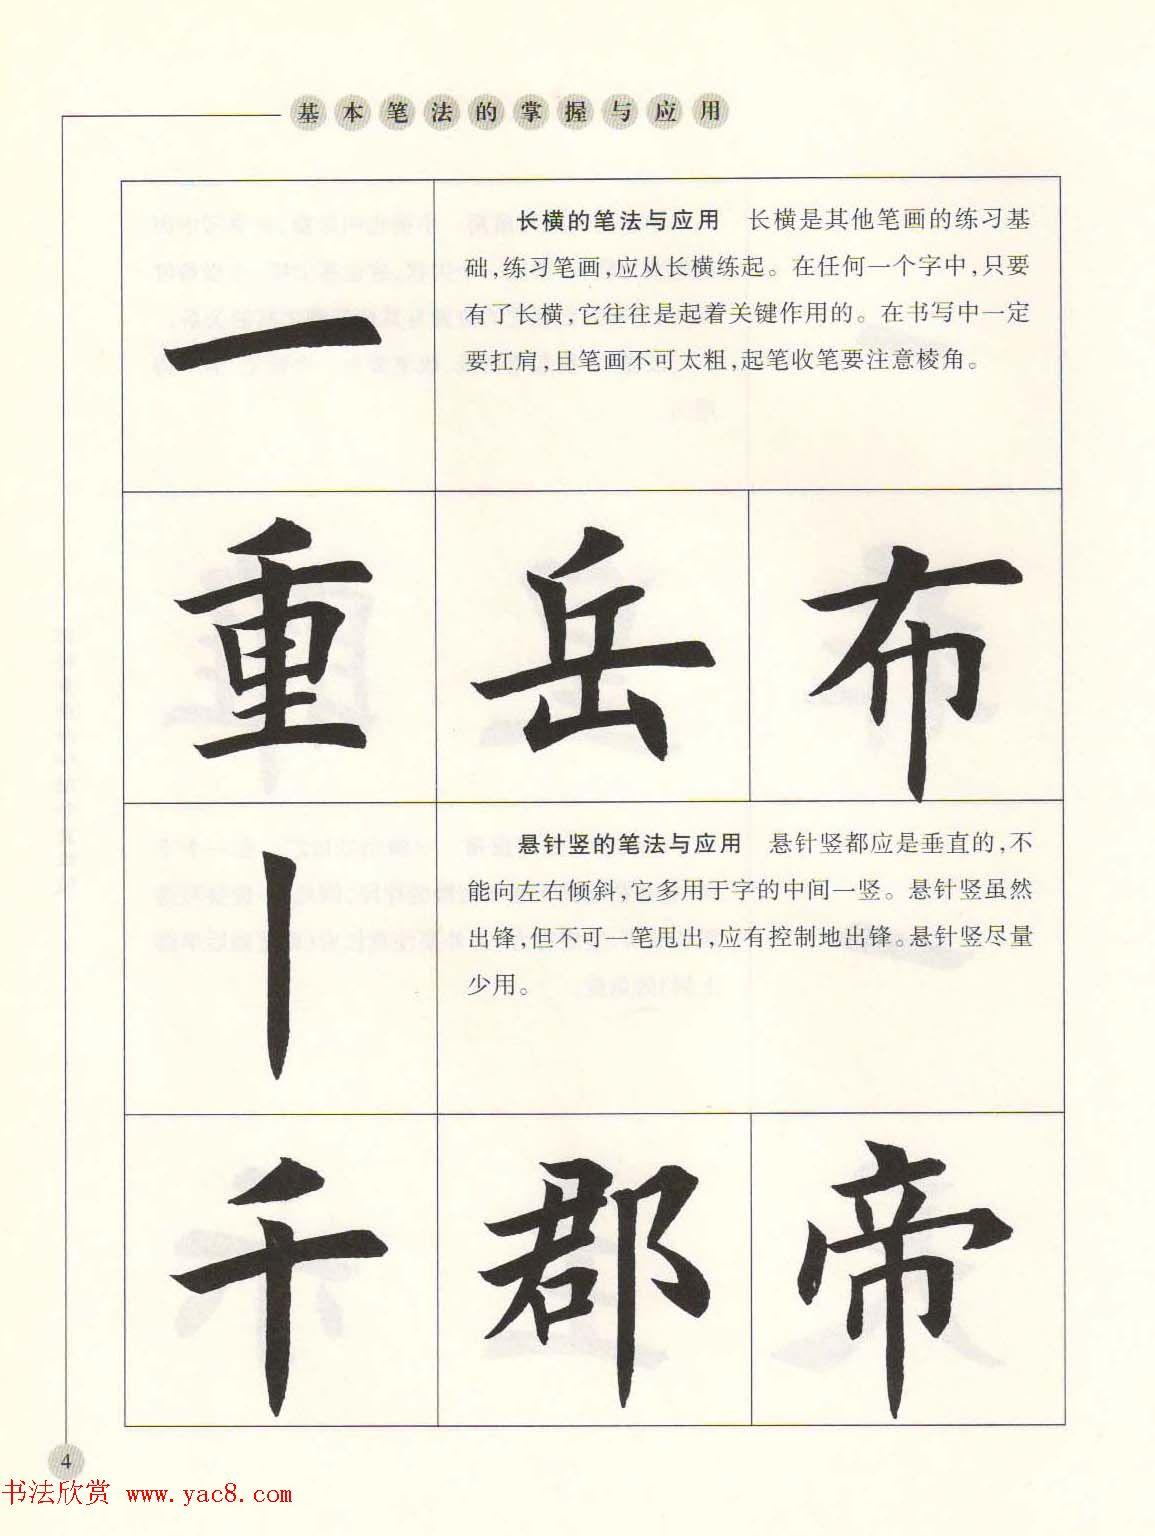 田英章最新书法专业教程欧体毛笔楷书字帖